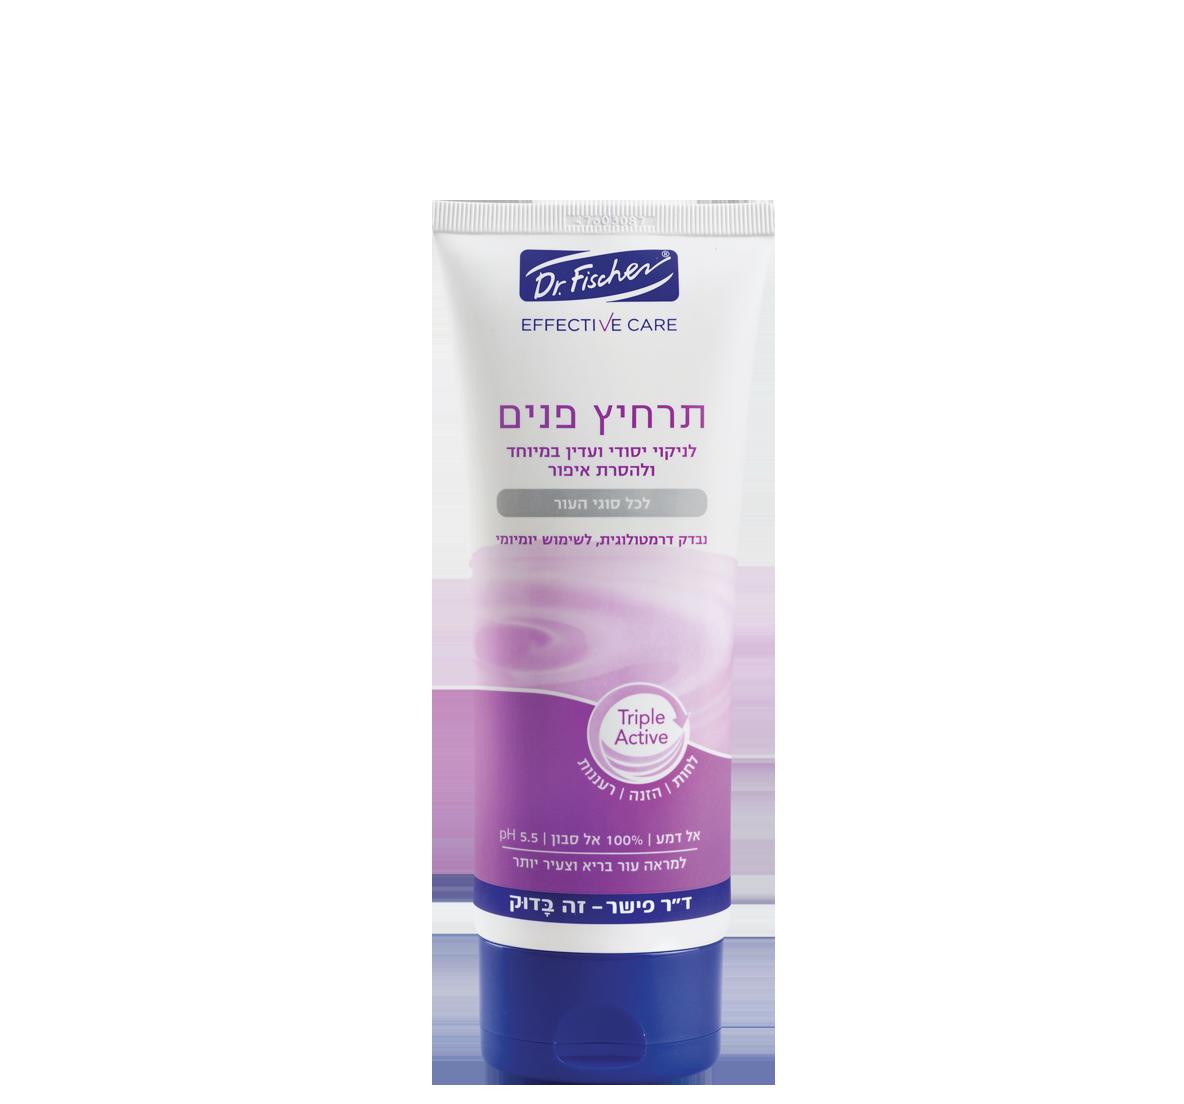 E_effective-care_facial-wash_purple_1184x1104